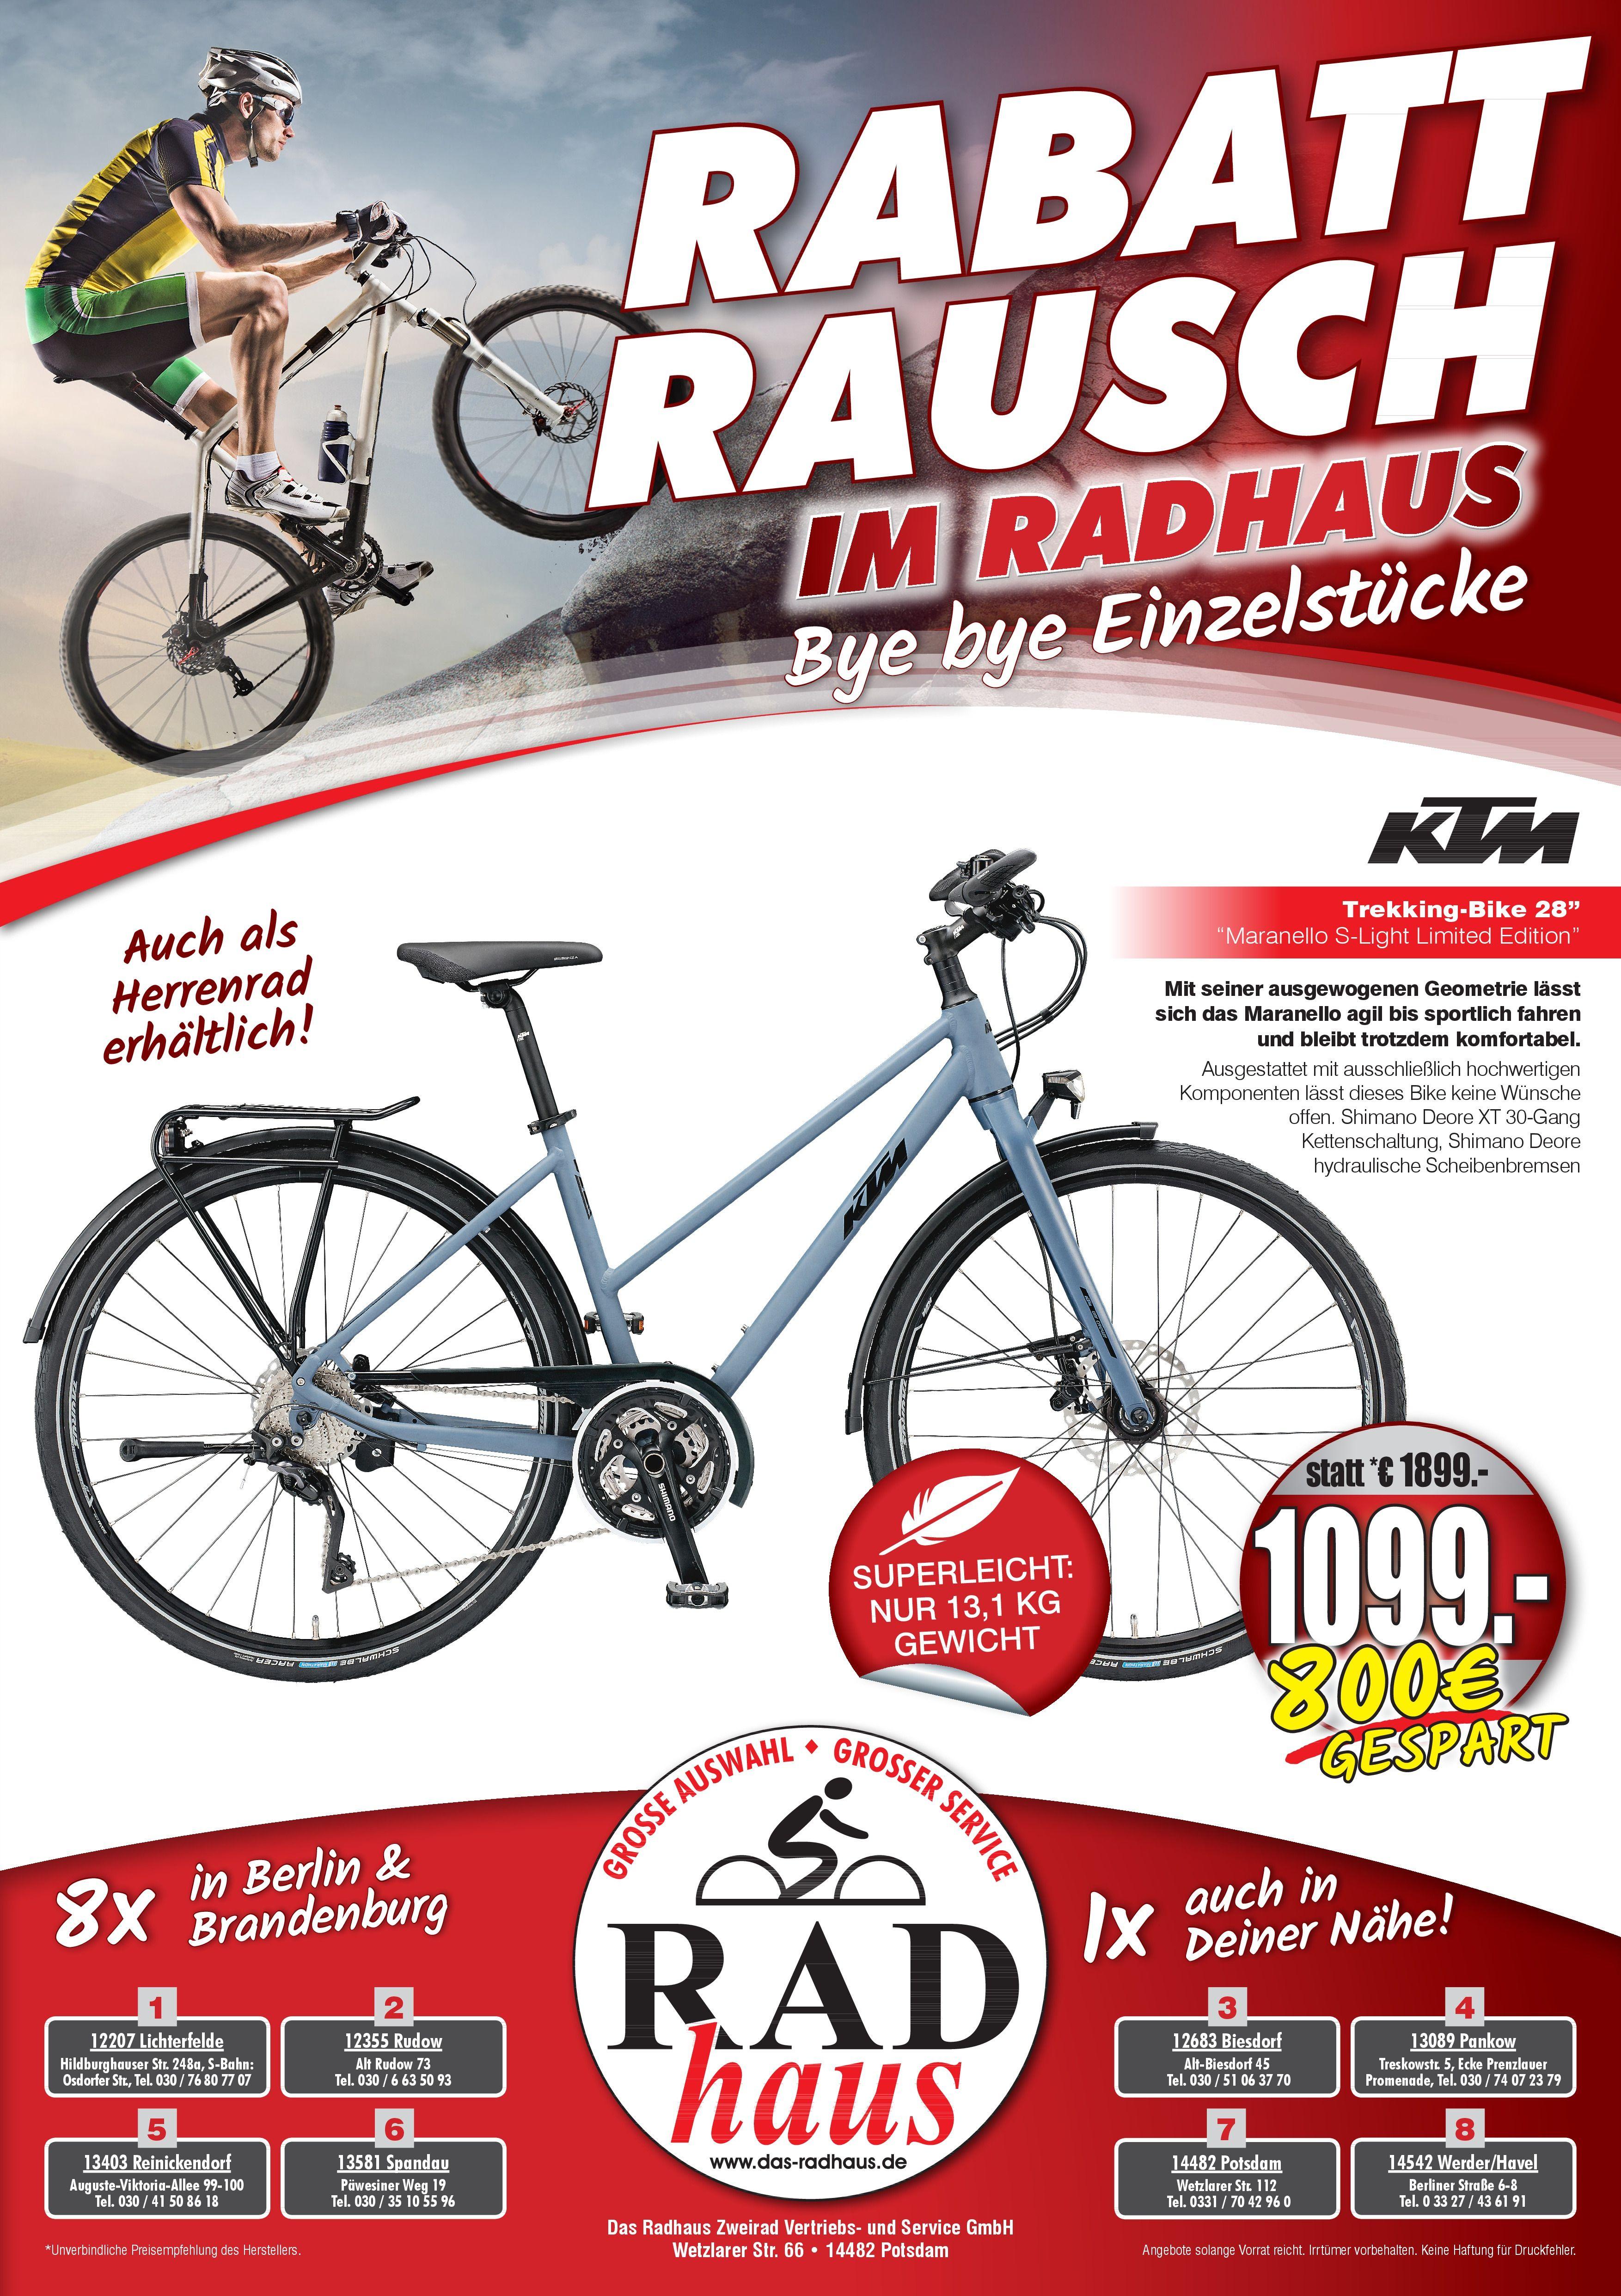 Rabatt Fahrrad Angebot Noch Bis Zum 25 09 2019 Mit Bildern